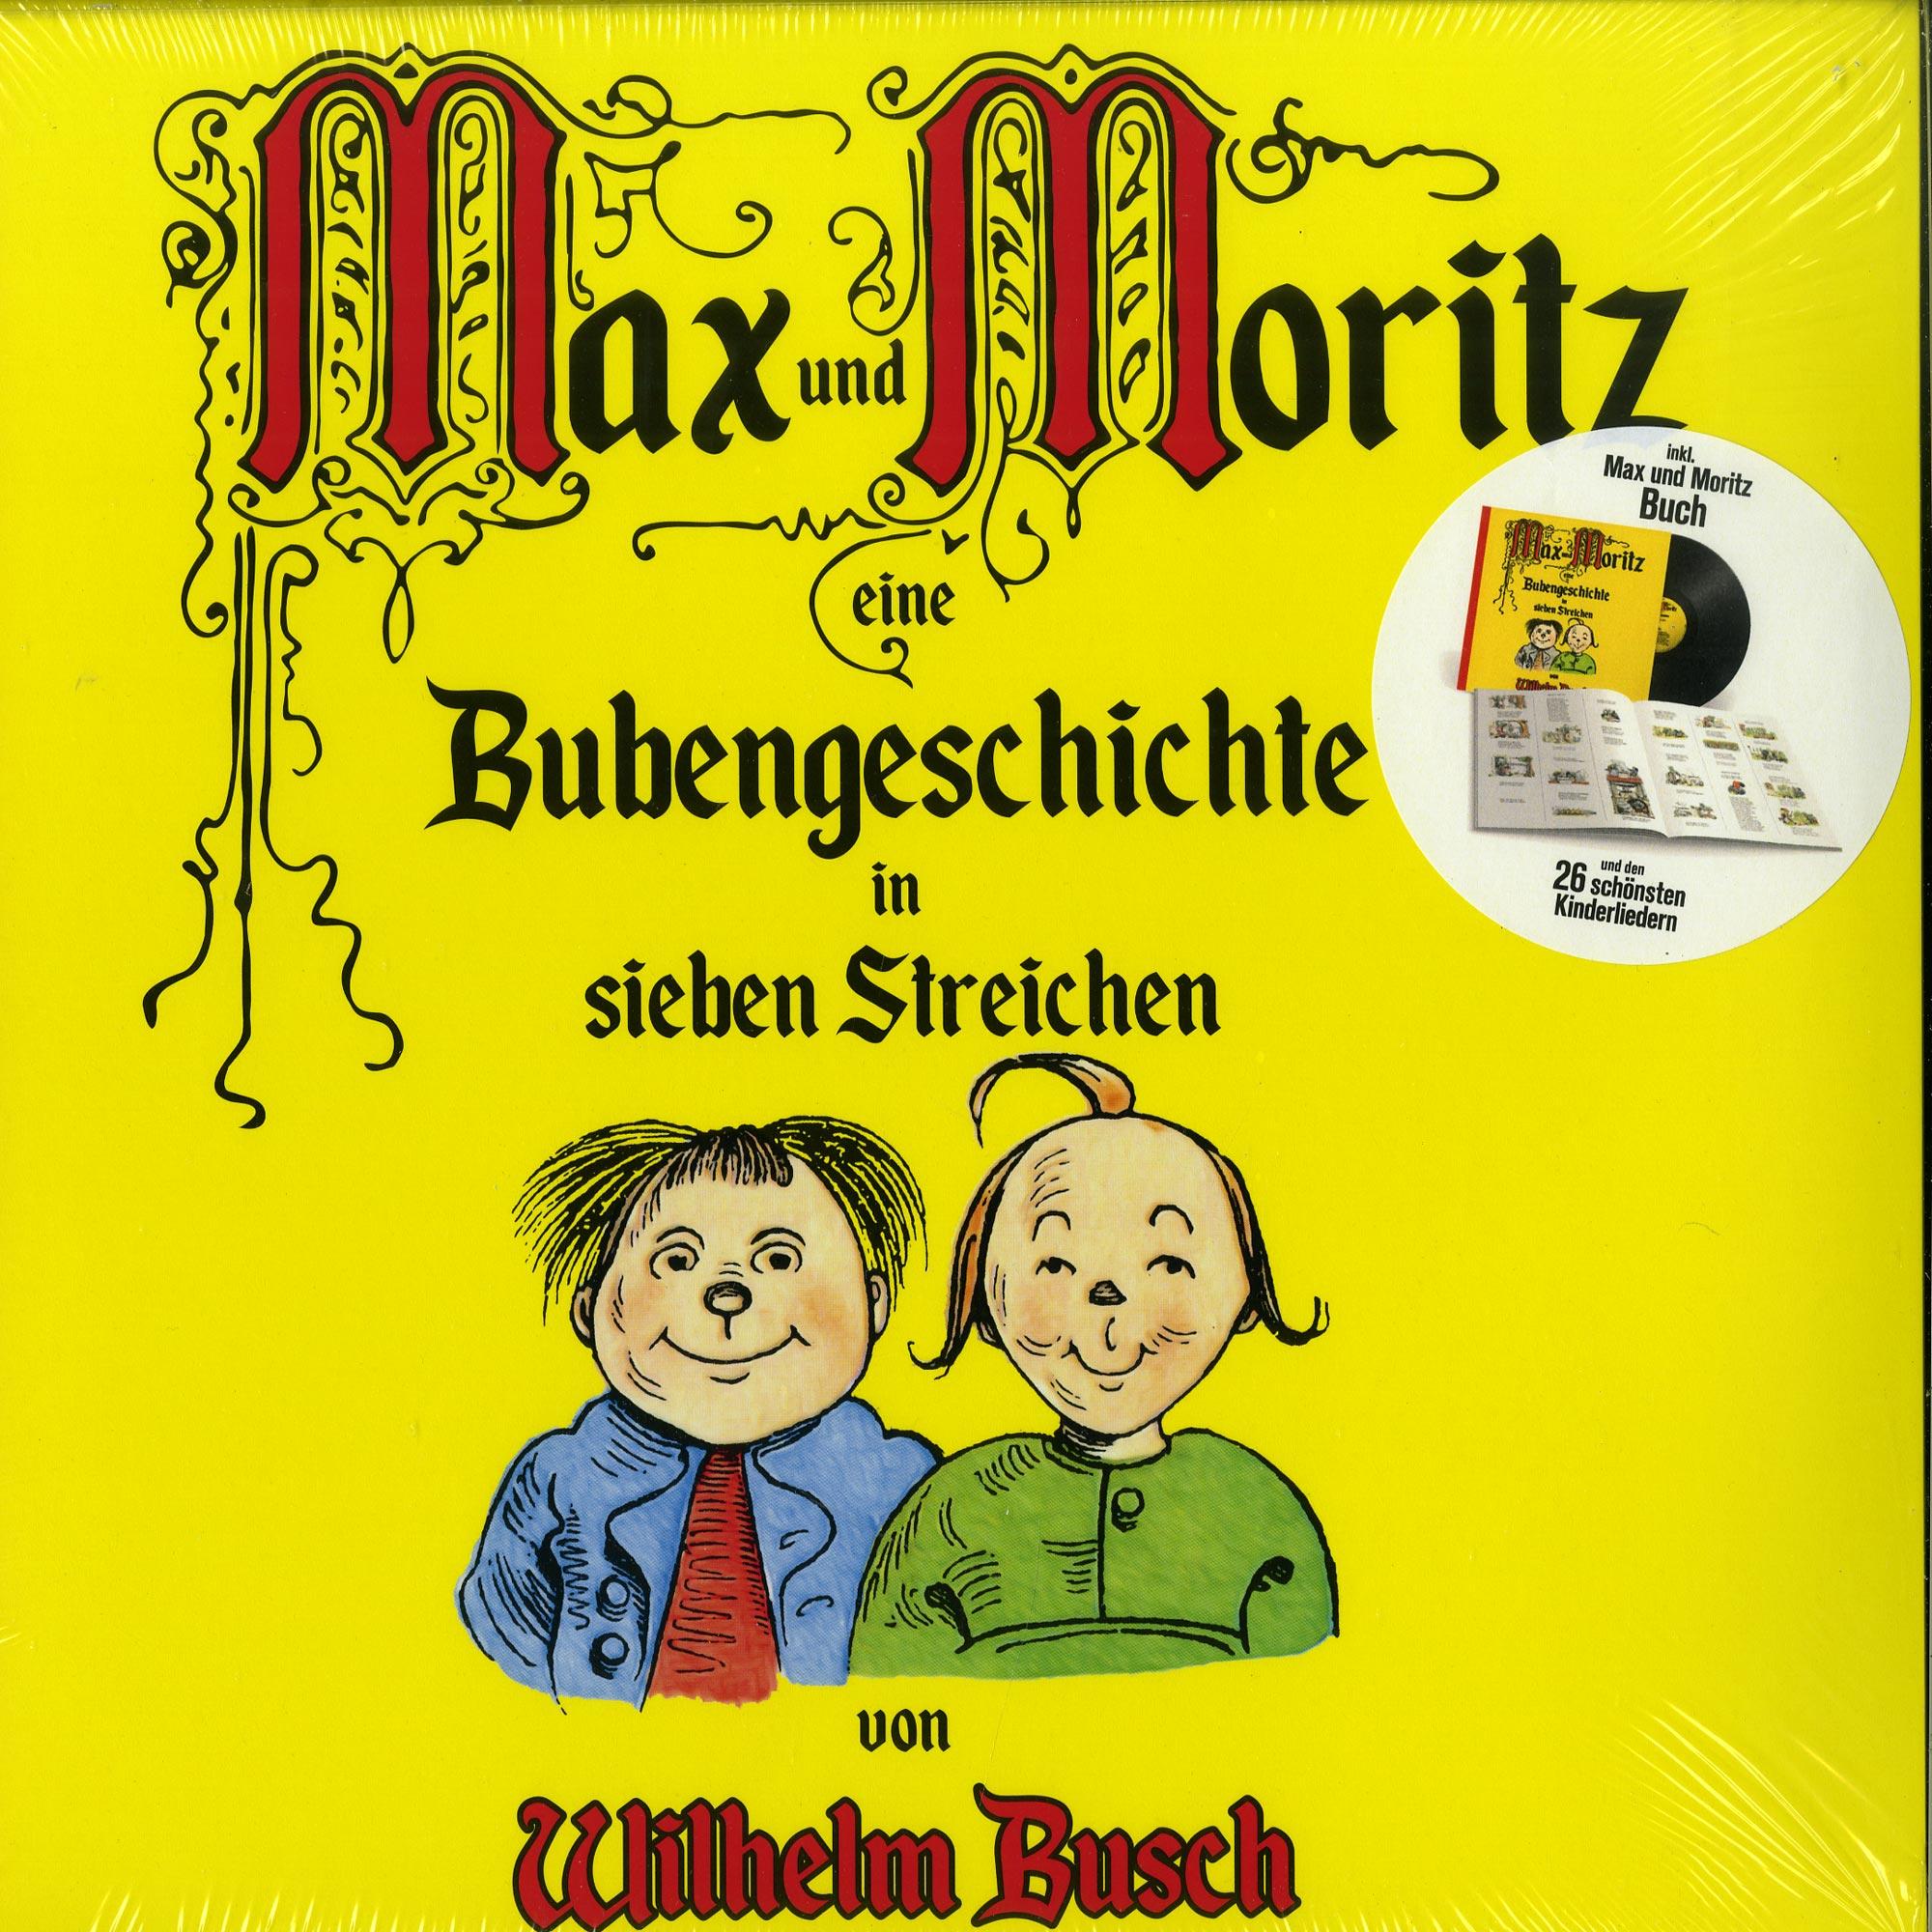 Wilhelm Busch - MAX & MORITZ UND BERÜHMTE KINDERLIEDER